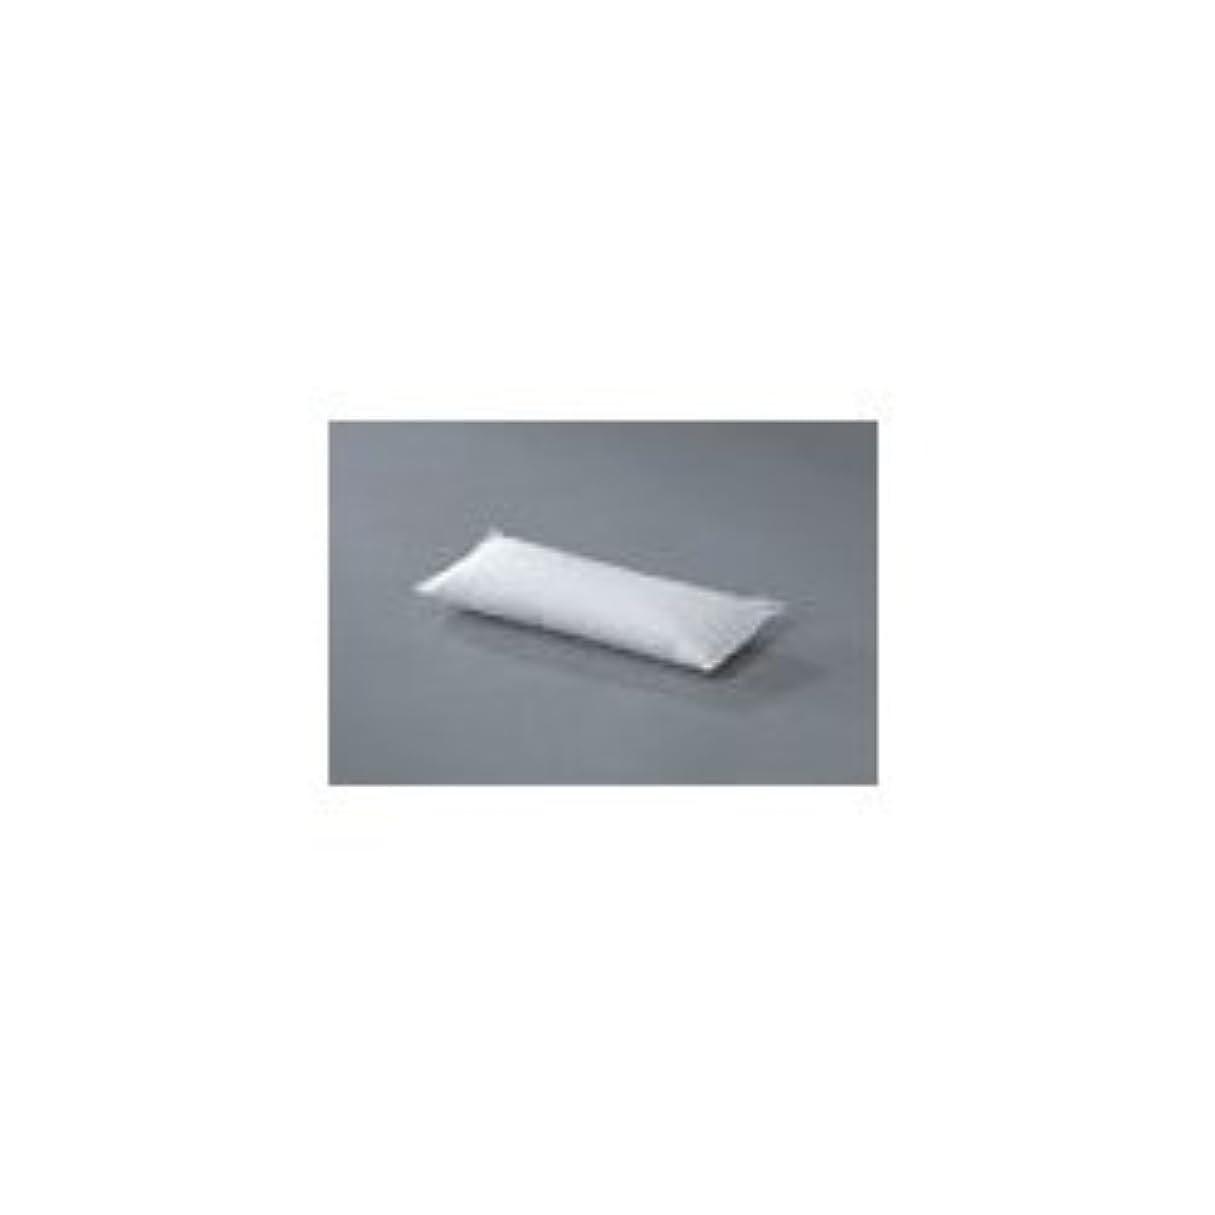 持続的本土アレルギージャノメ 24時間風呂 クリーンバスユニット専用電解促進剤 CLパック 7袋 (クリーンパック)